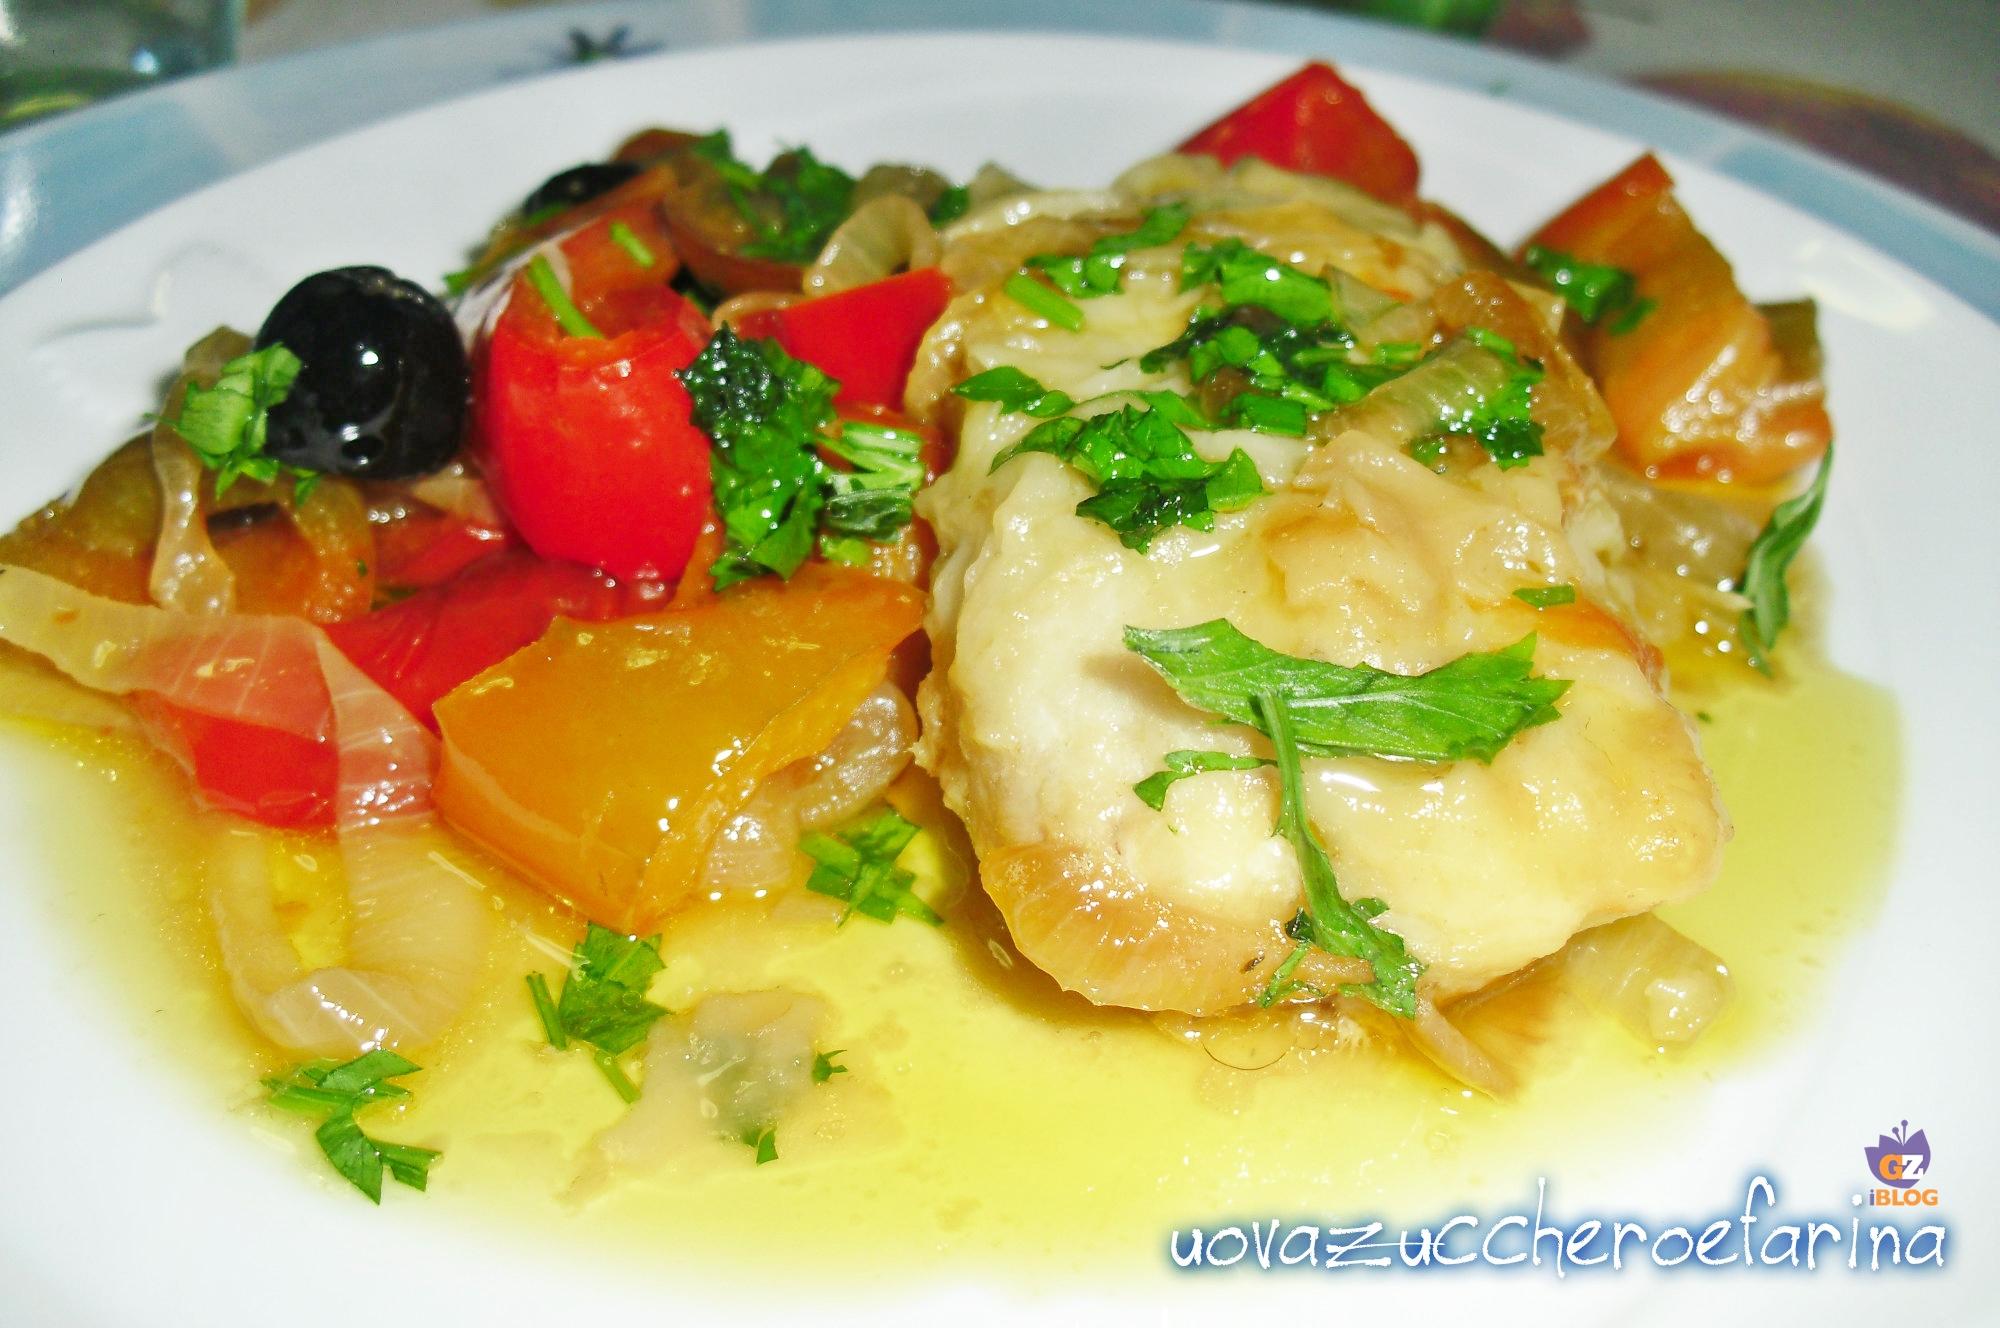 filetti di merluzzo con peperoni secondo piatto |uovazuccheroefarina - Cucinare Filetto Di Merluzzo